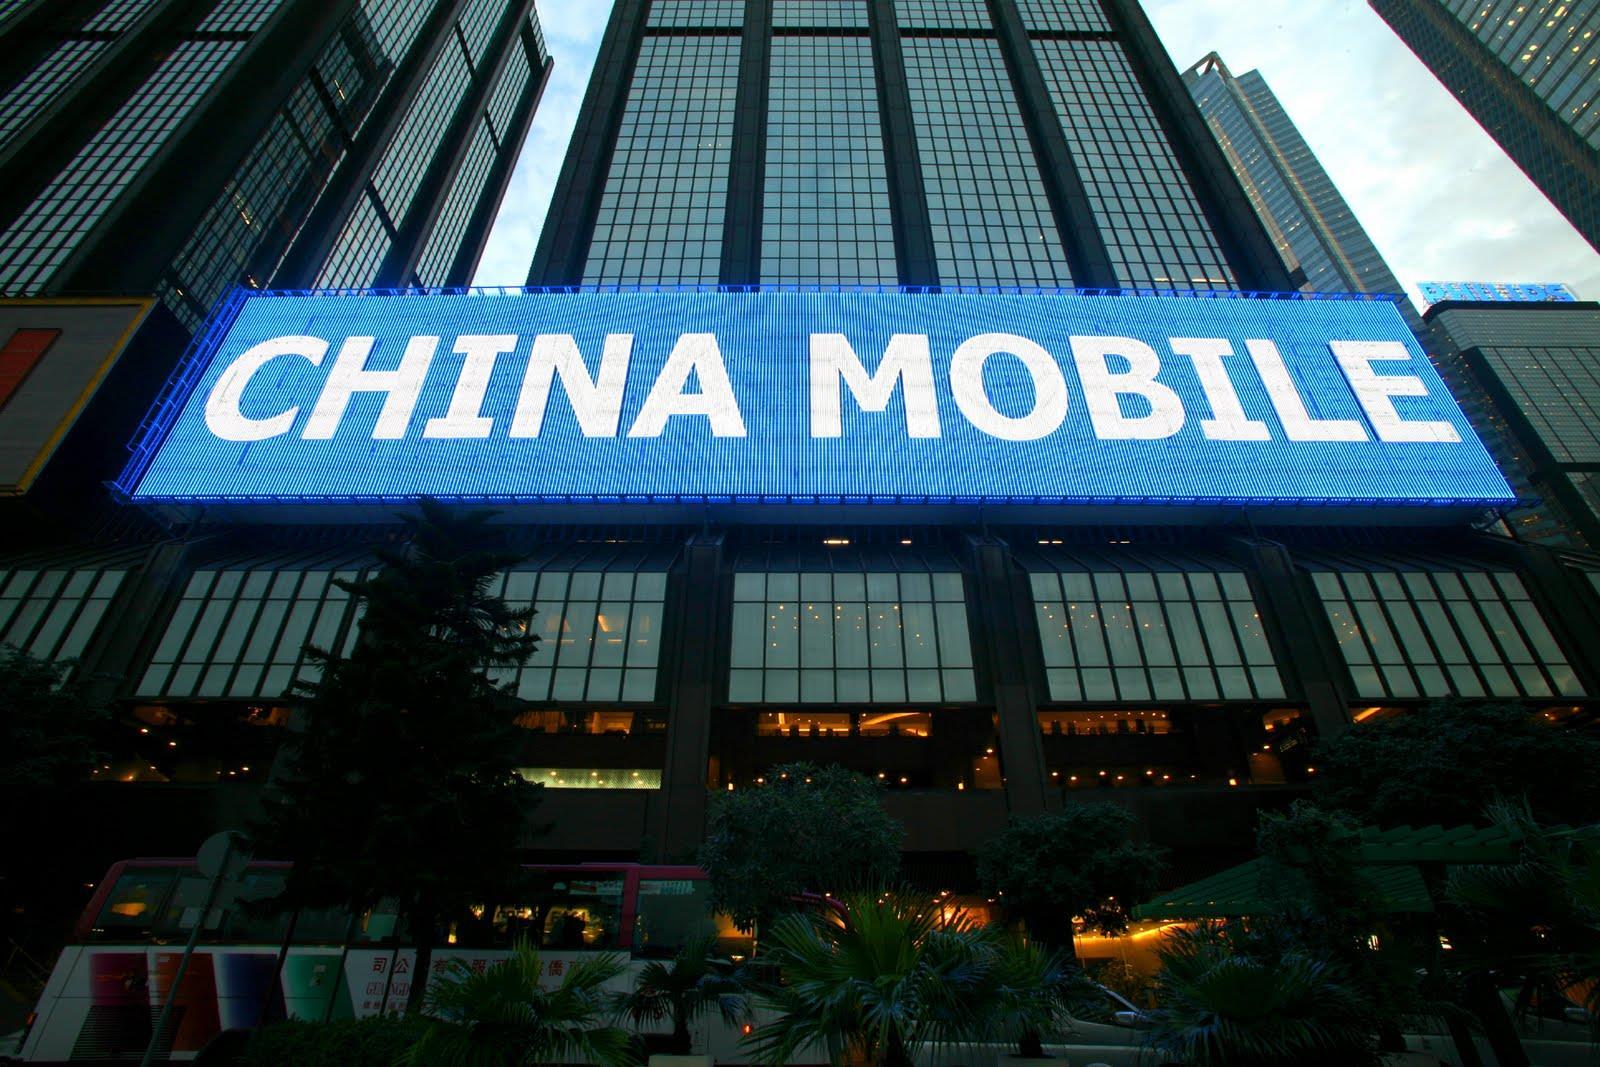 中国移动有意收购巴西运营商Oi的移动资产